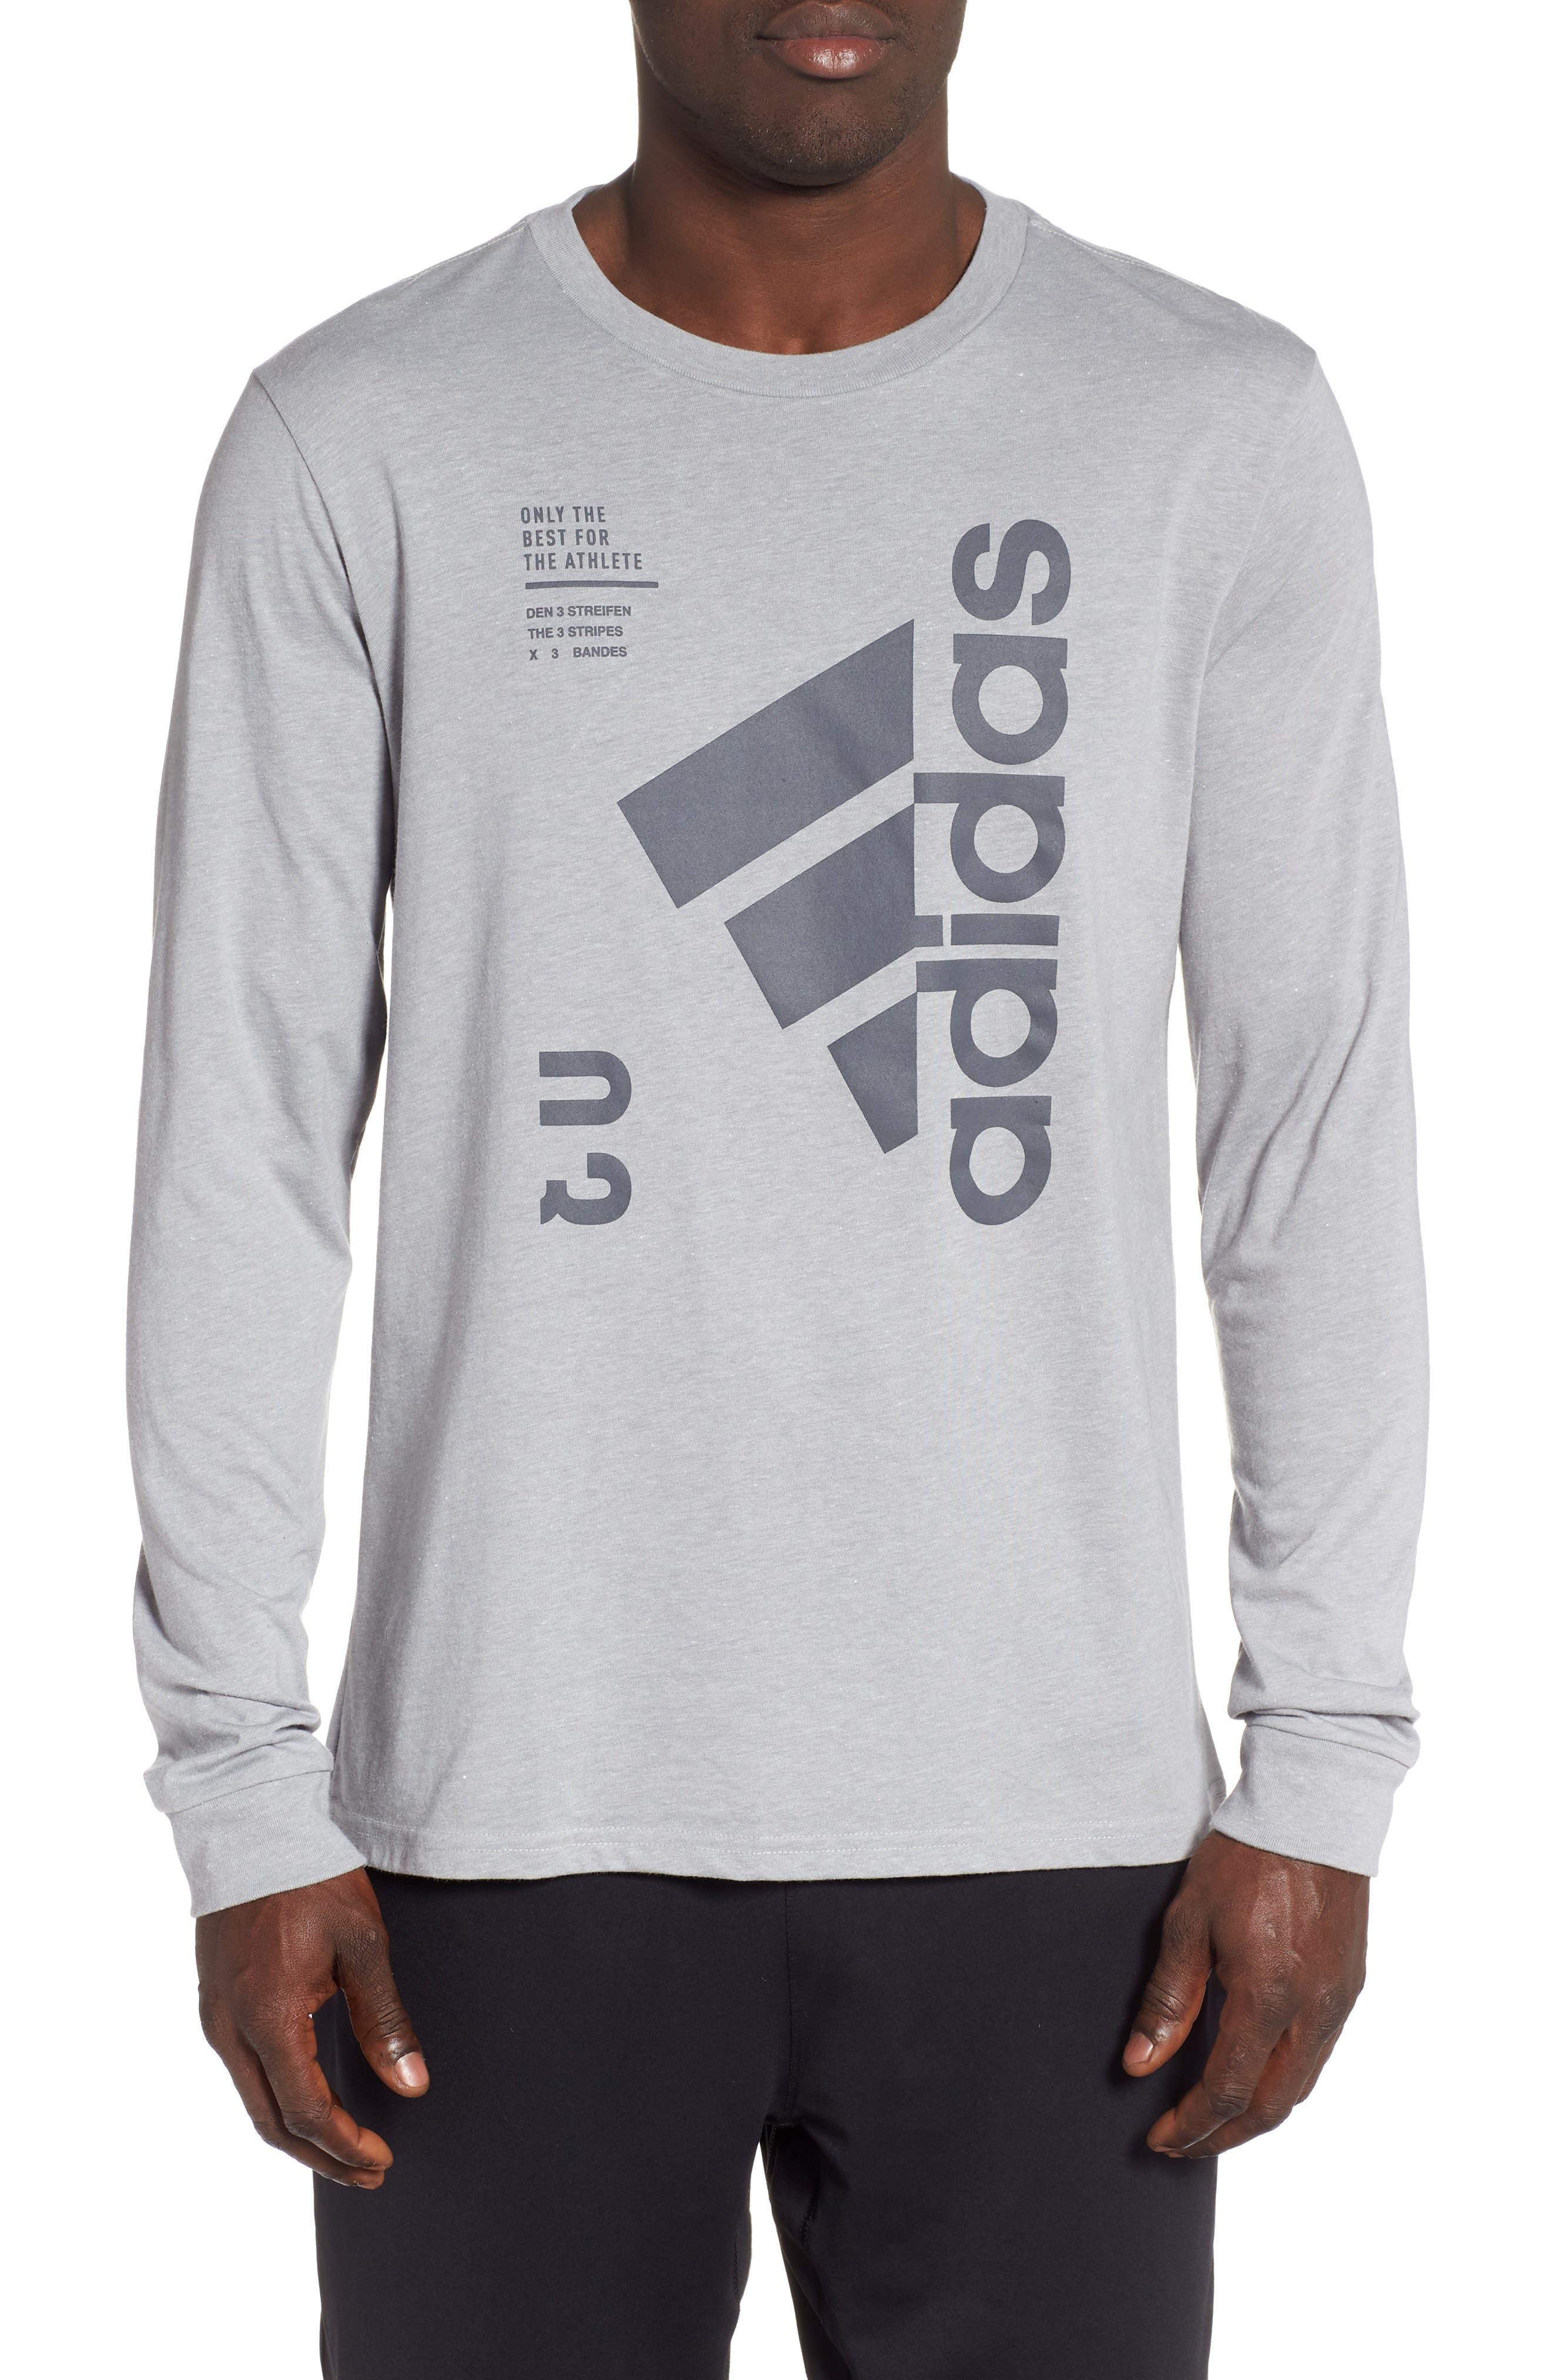 Adidas T Men's ShirtsTank Graphic Topsamp; TeesNordstrom 34jARL5